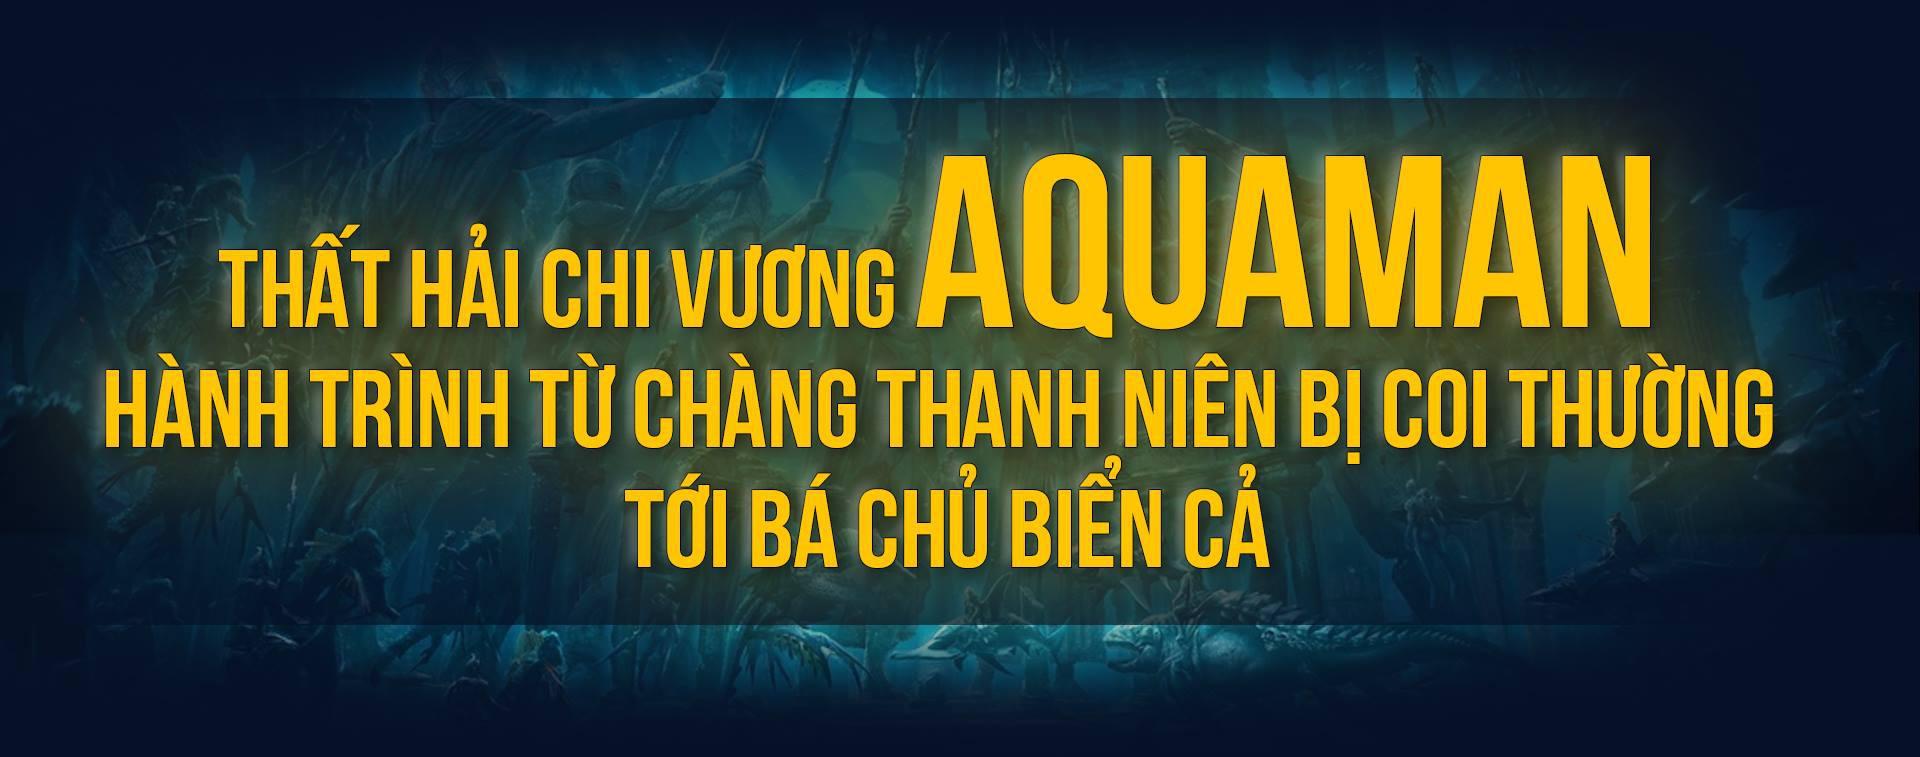 Thất Hải Chi Vương Aquaman: Hành trình từ chàng thanh niên bị coi thường tới Bá chủ biển cả - Ảnh 1.